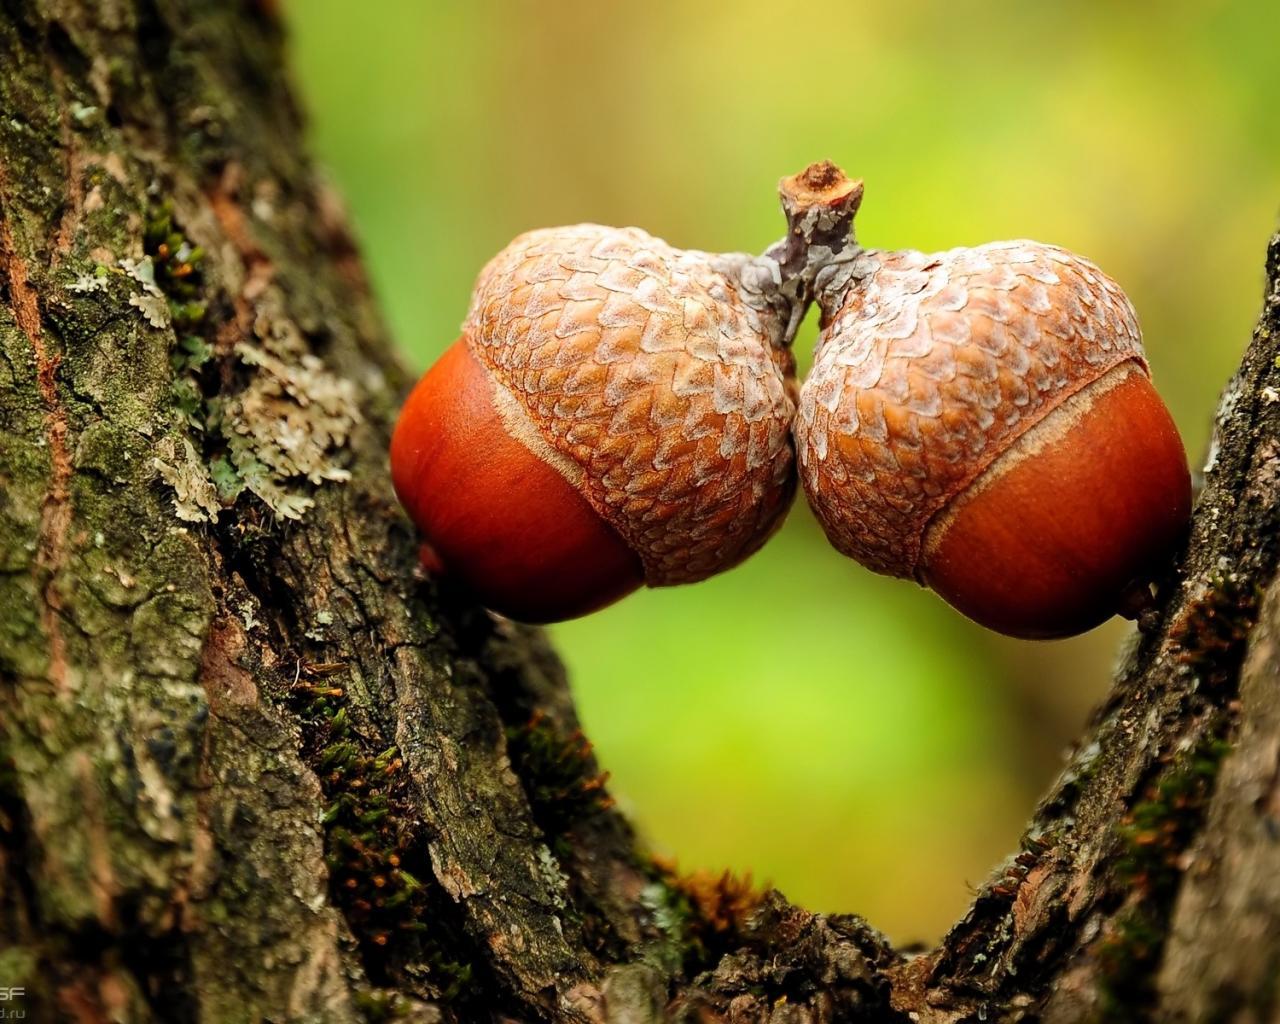 здесь картинки осени листья орехи желуди тучка дождь грибы продажа коттеджей